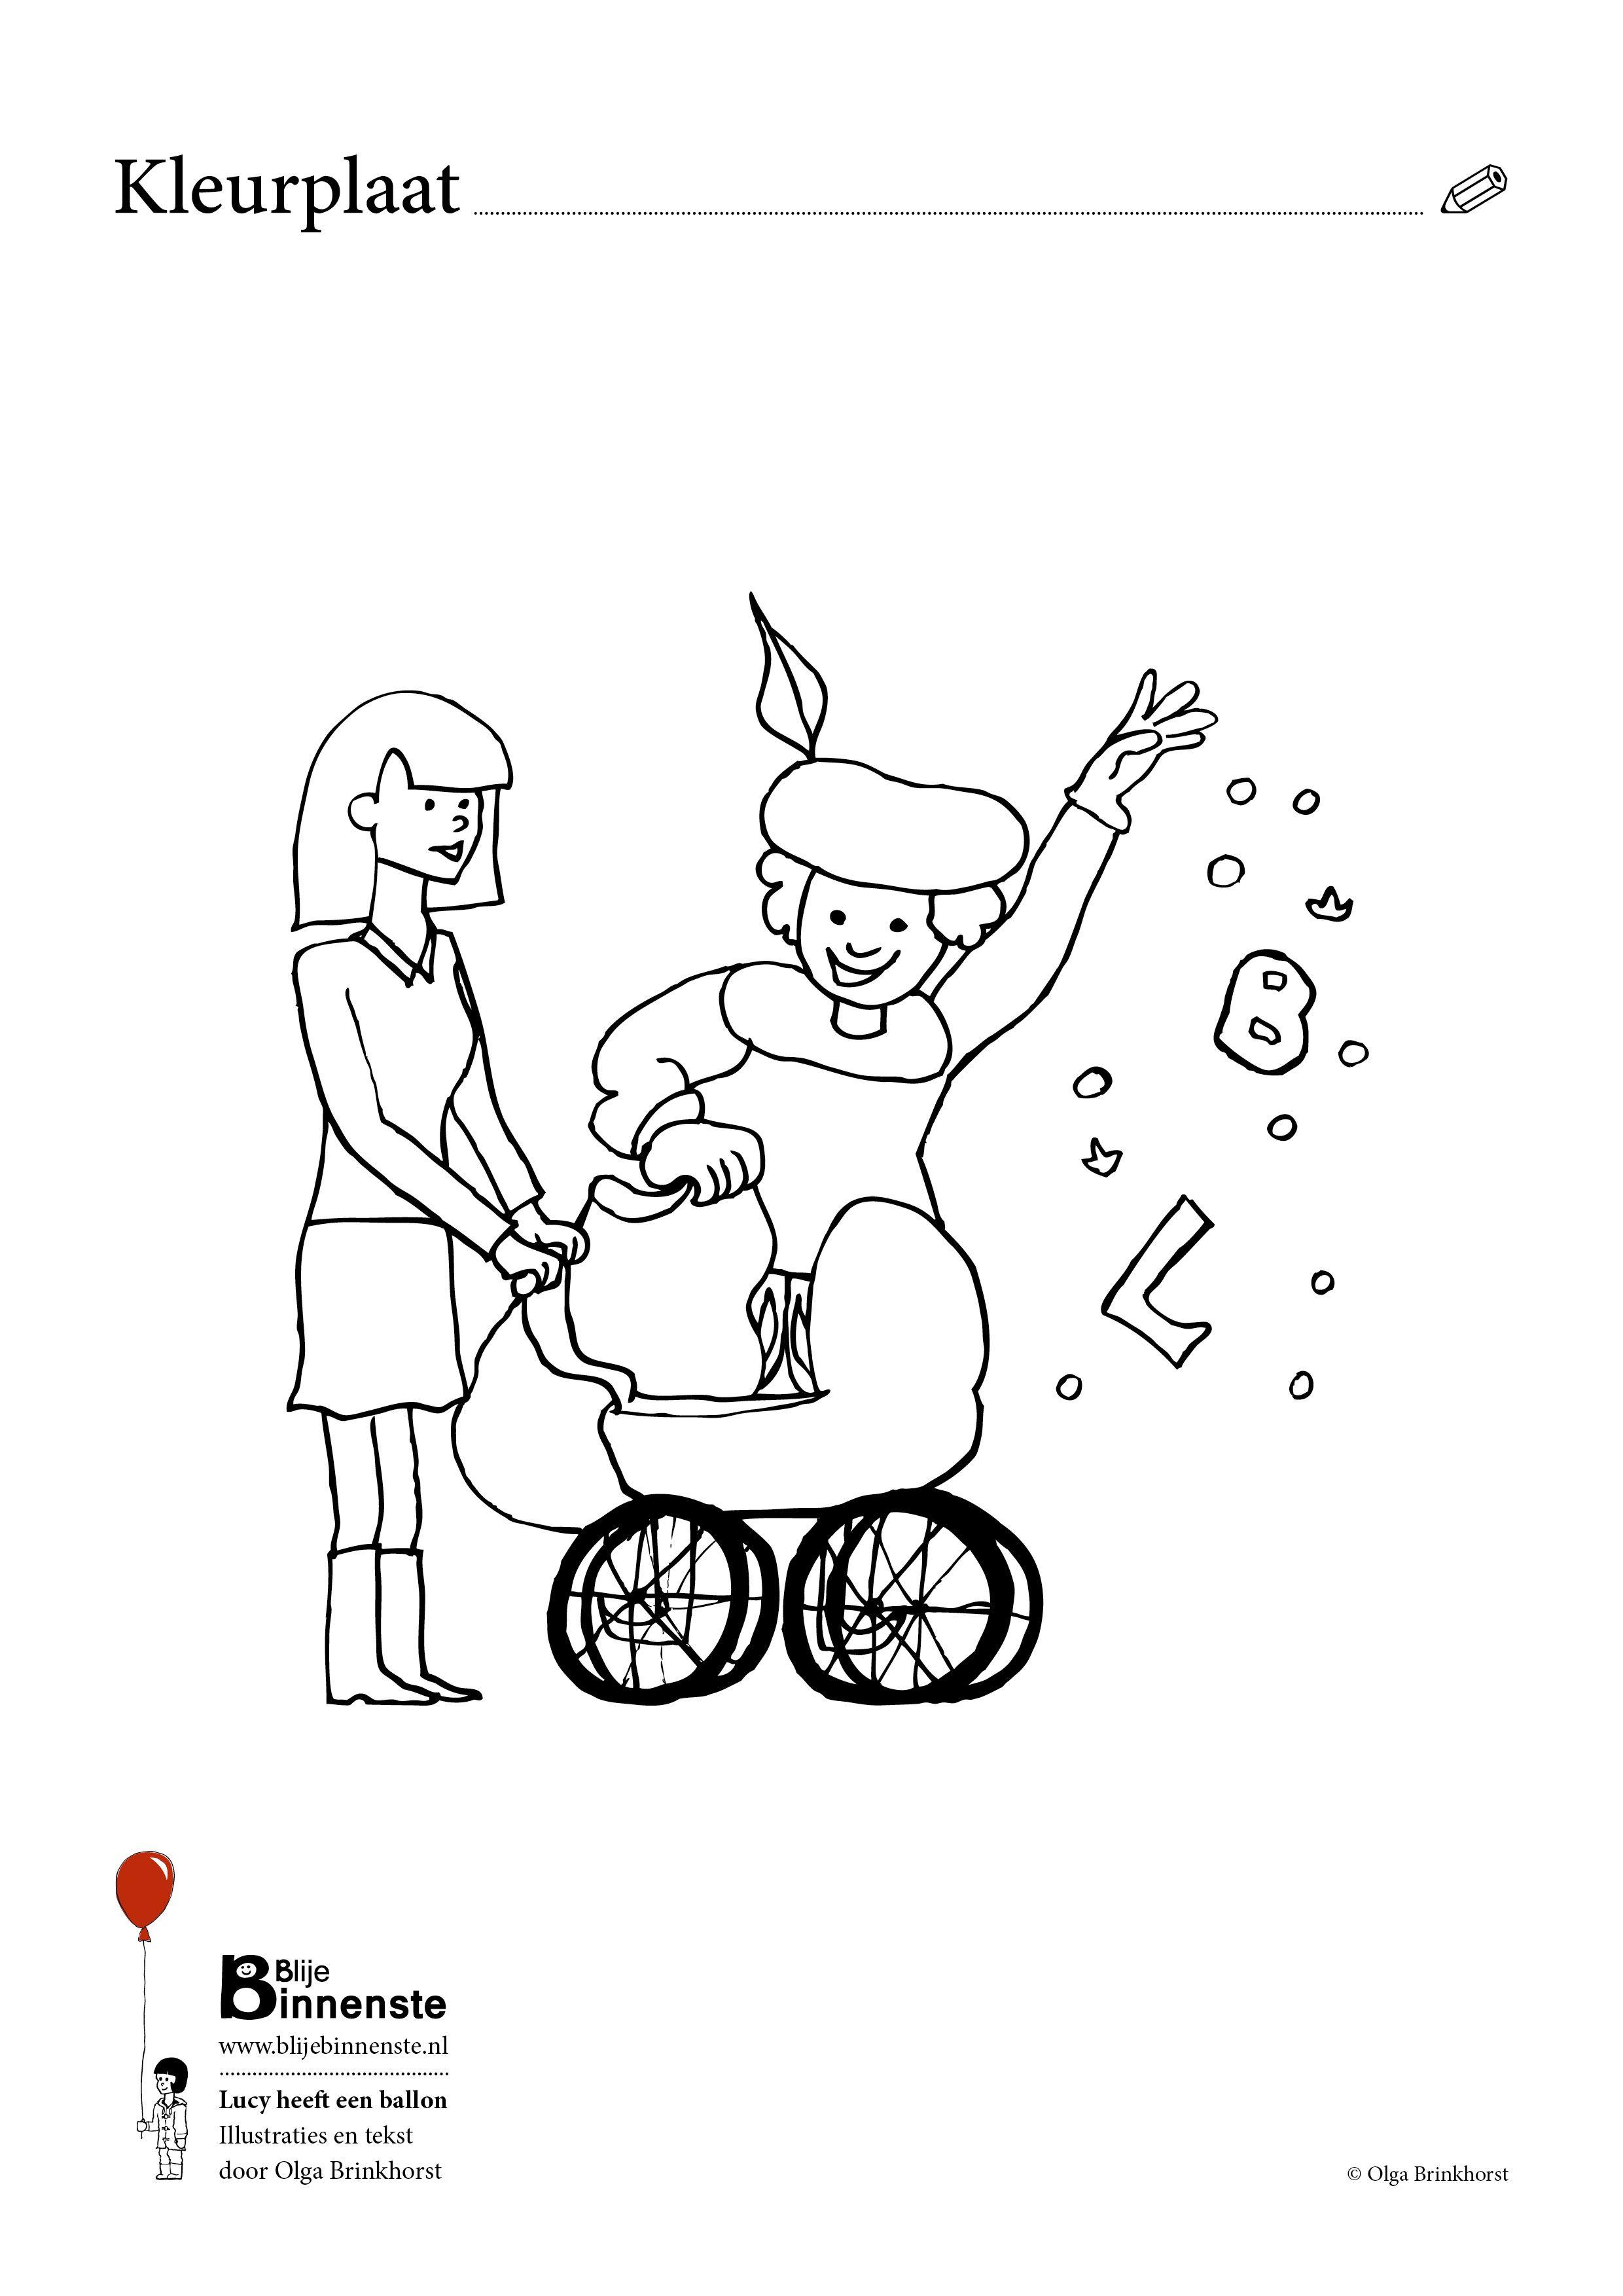 Sint En Piet Kleurplaten Sinterklaas Kleurplaat Lucy Uit Het Kinderboek Lucy Heeft Een Ballon Childrensbook Illustration Kleurplaten Kinderboeken Kinderboek